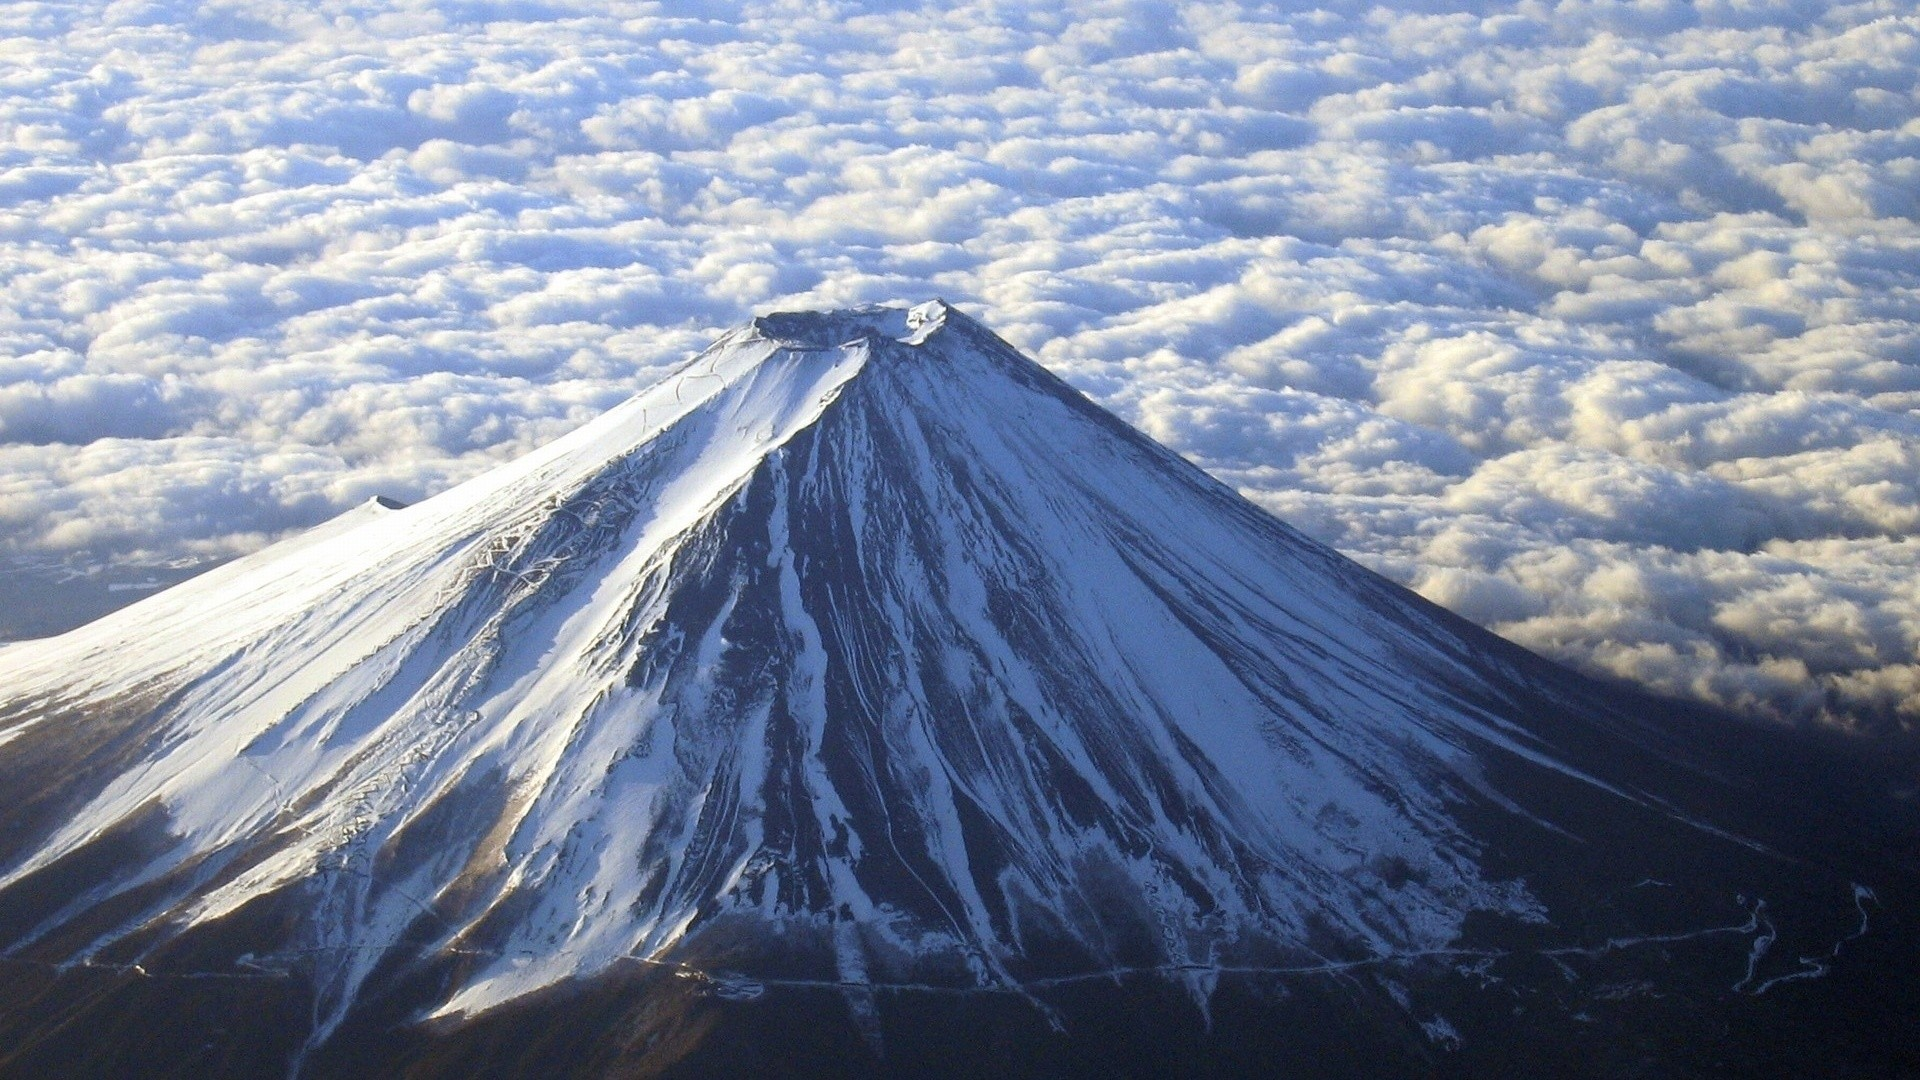 Mount Fuji Japan desktop PC and Mac wallpaper